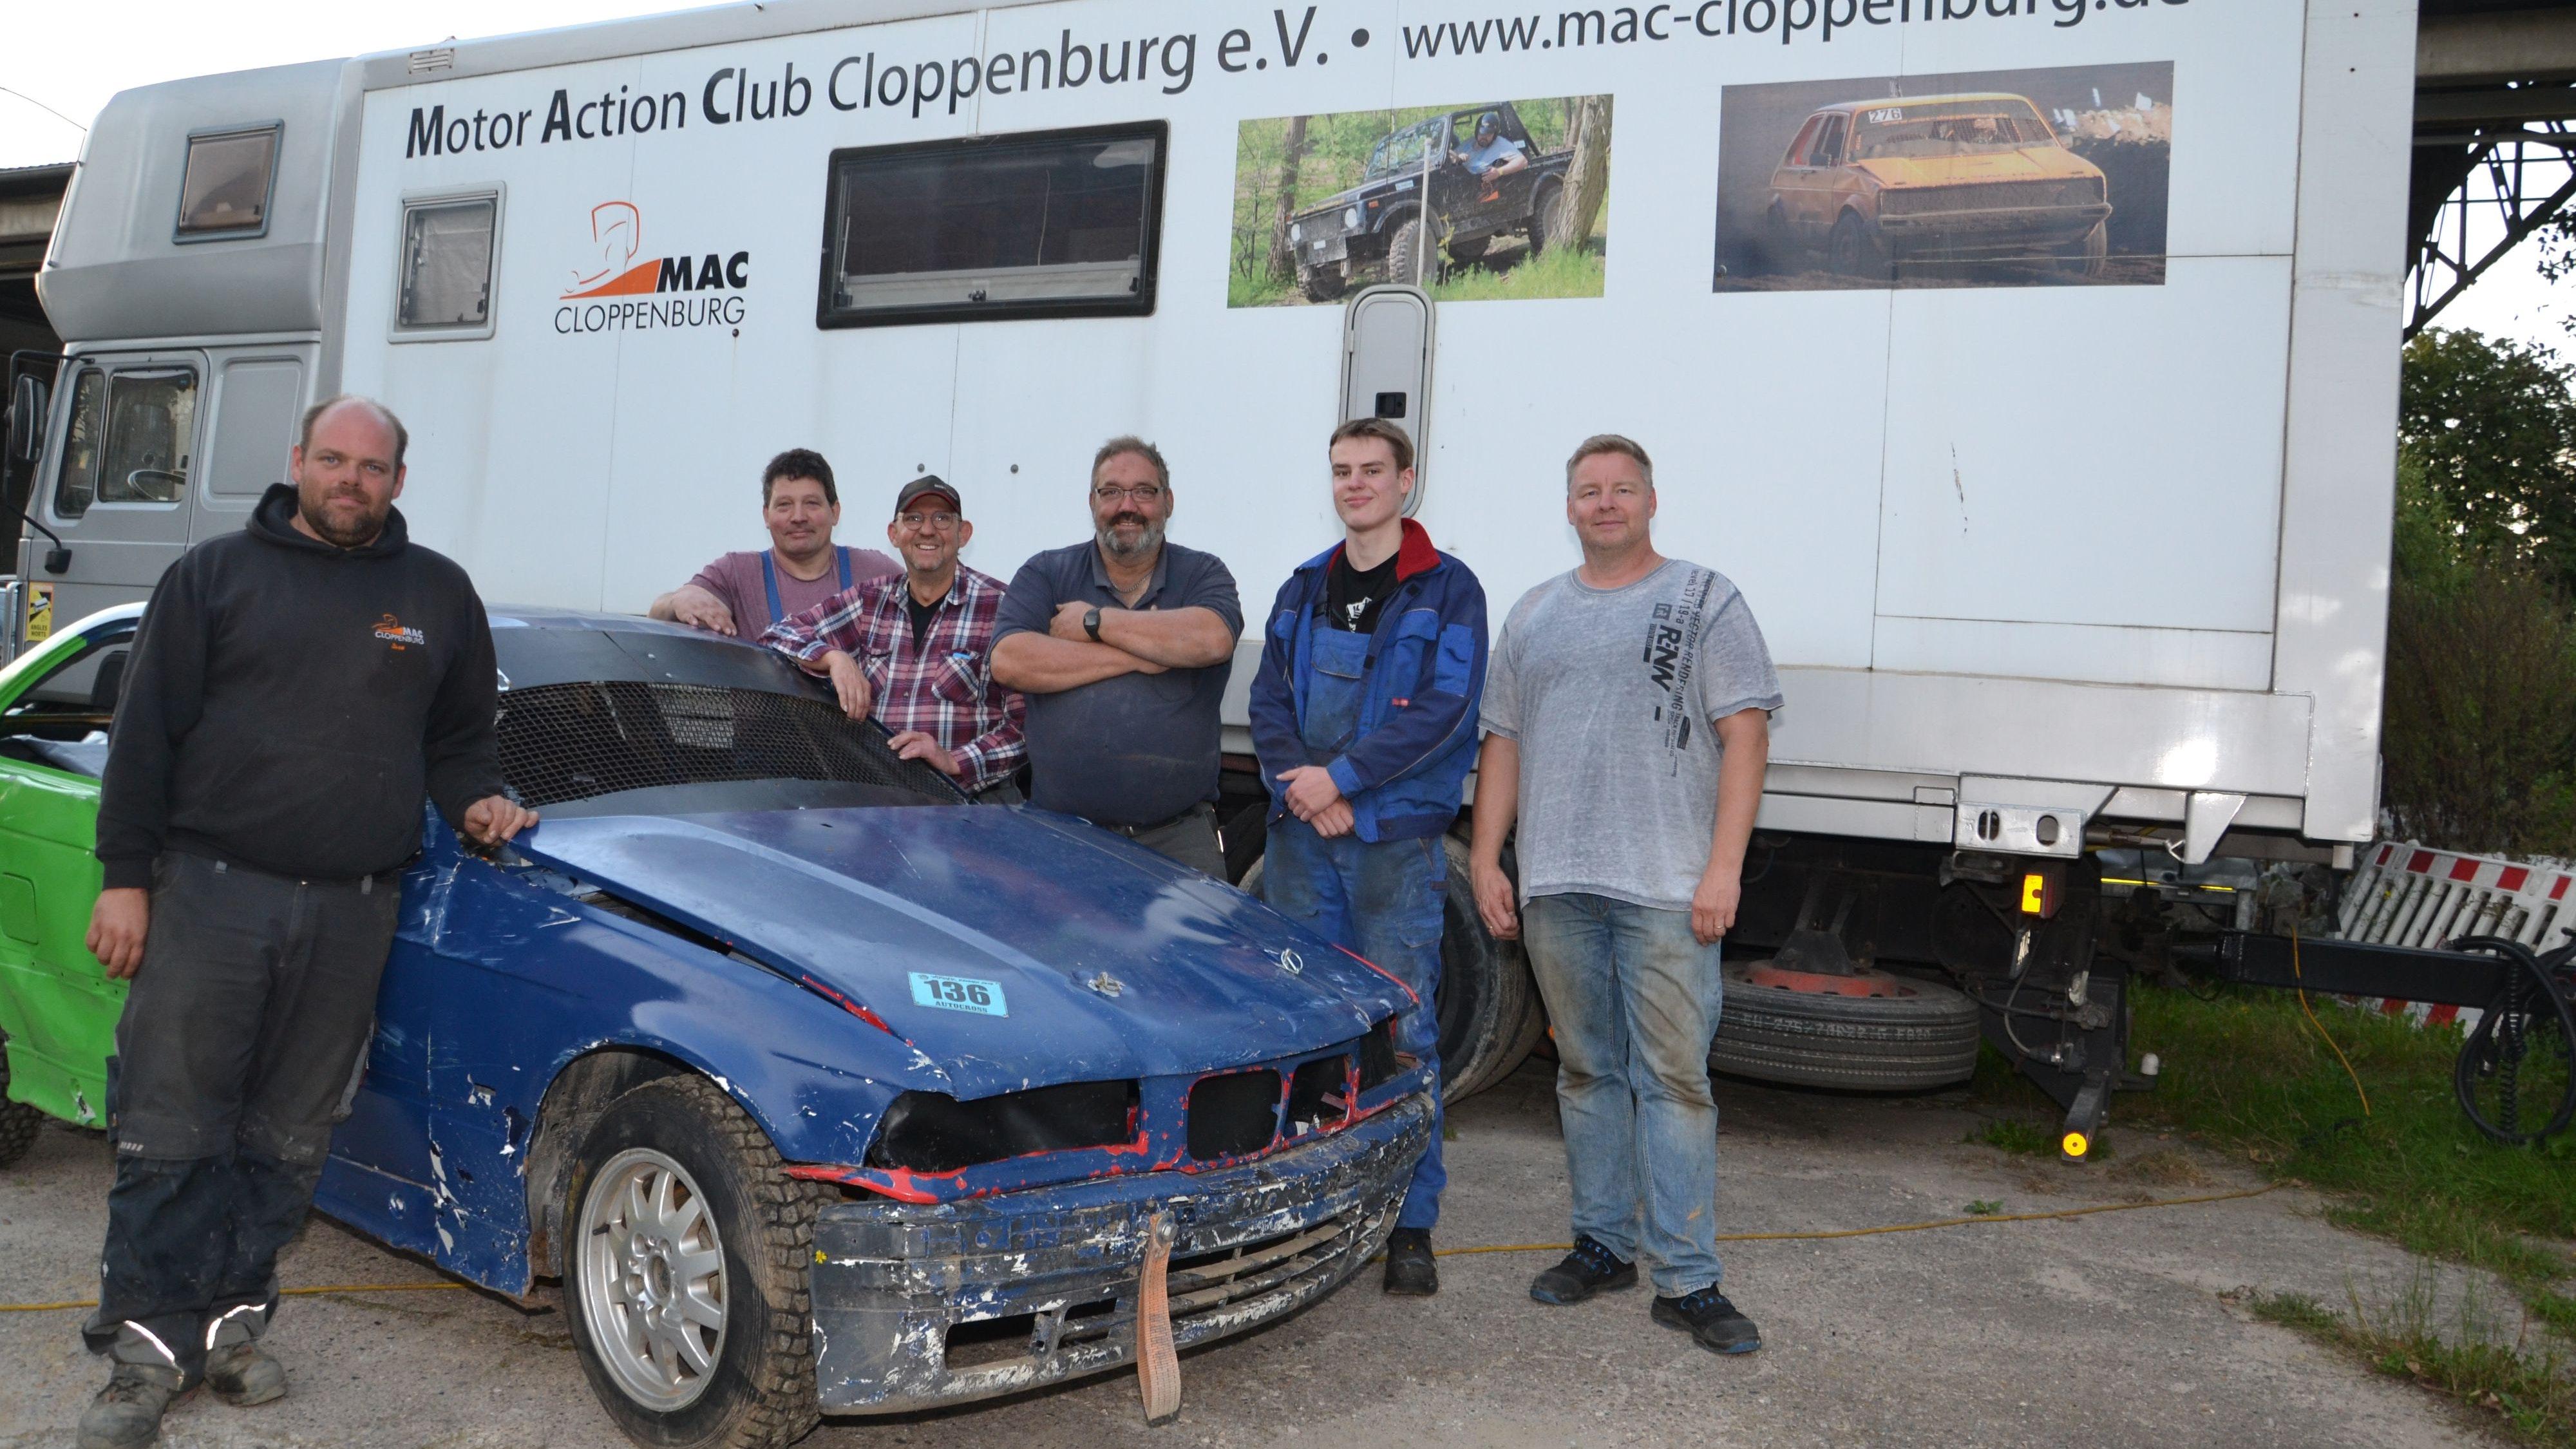 Organisieren, schrauben, fahren: Das Team des MAC organisiert mit vielen Helfern das Rennen, geht aber selbst auch mit vier Fahrzeugen auf die 550-Meter-Piste. Foto: Bernd Götting